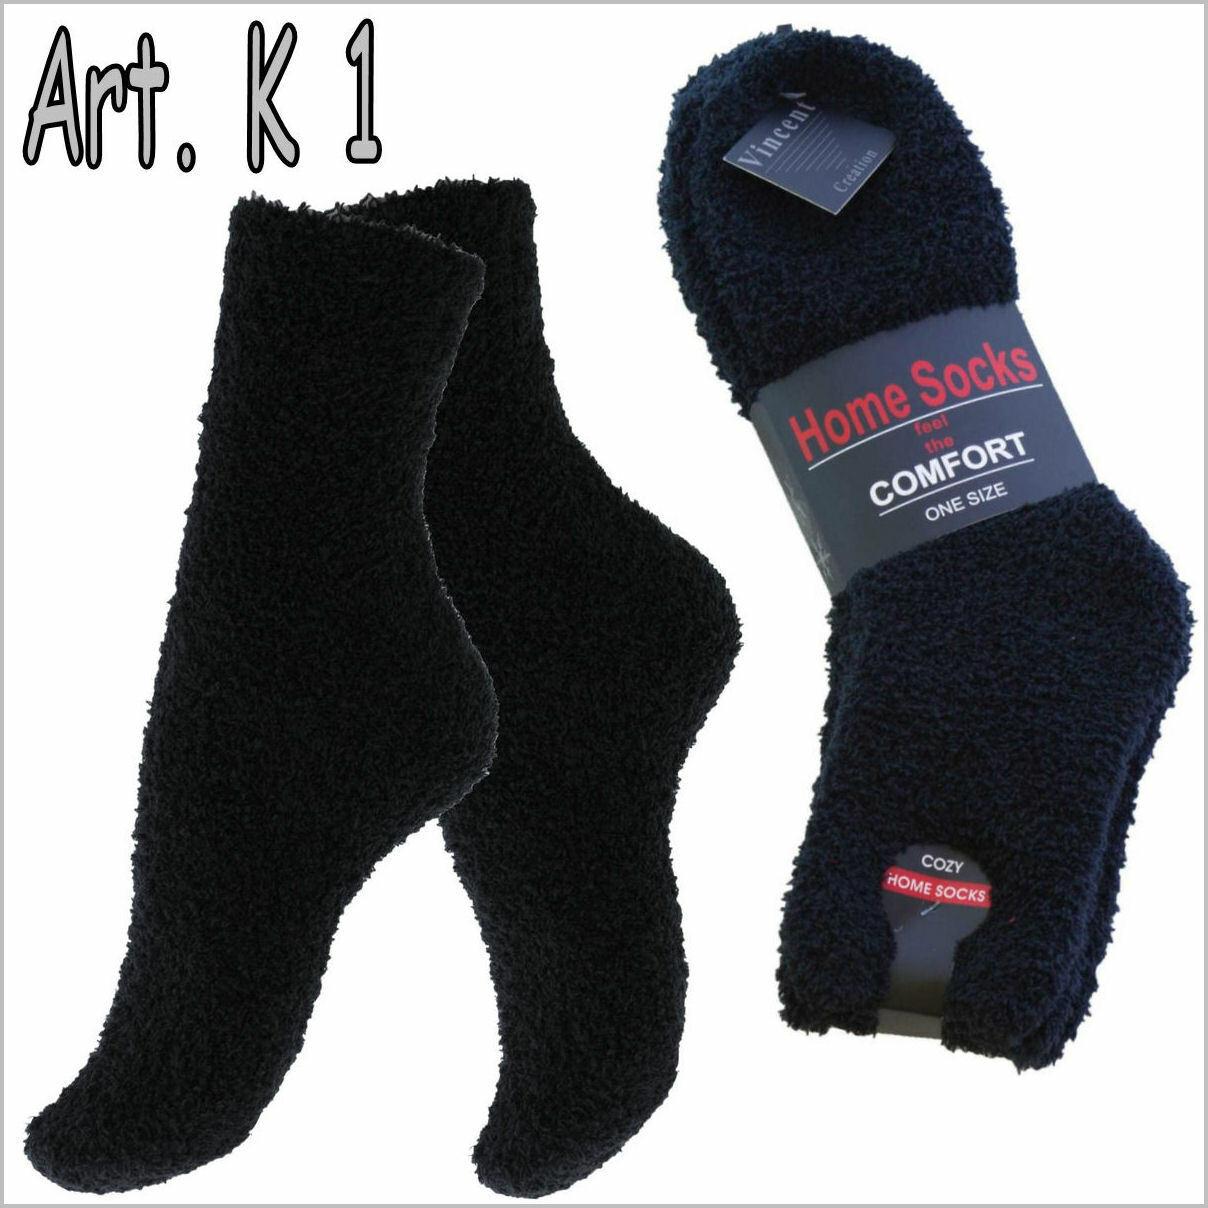 Kuschelsocken Bett Winter Socken Flauschsocken Flanell Plüsch Home socks schwarz